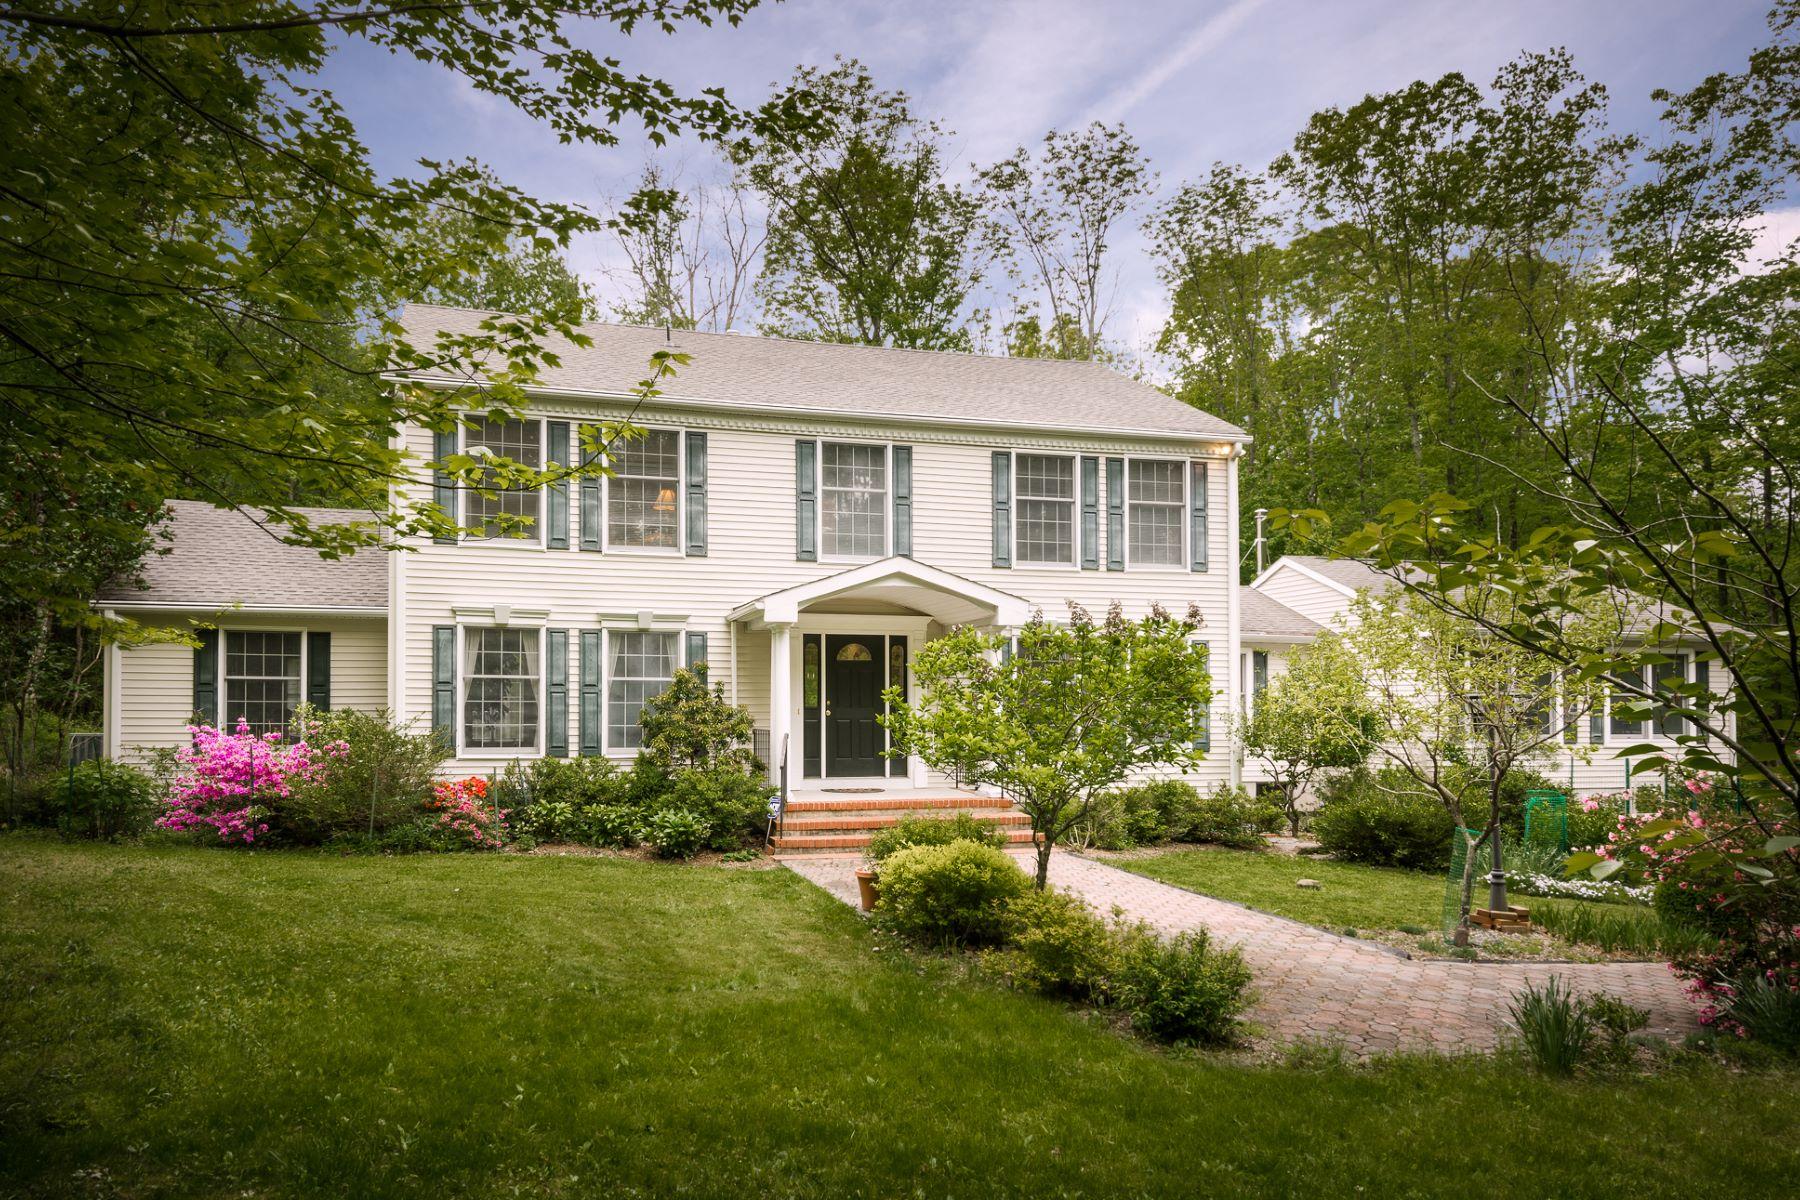 Nhà ở một gia đình vì Bán tại Classic Colonial Enveloped by Natural Splendor - Lawrence Township 4680 Province Line Road Princeton, New Jersey, 08540 Hoa Kỳ